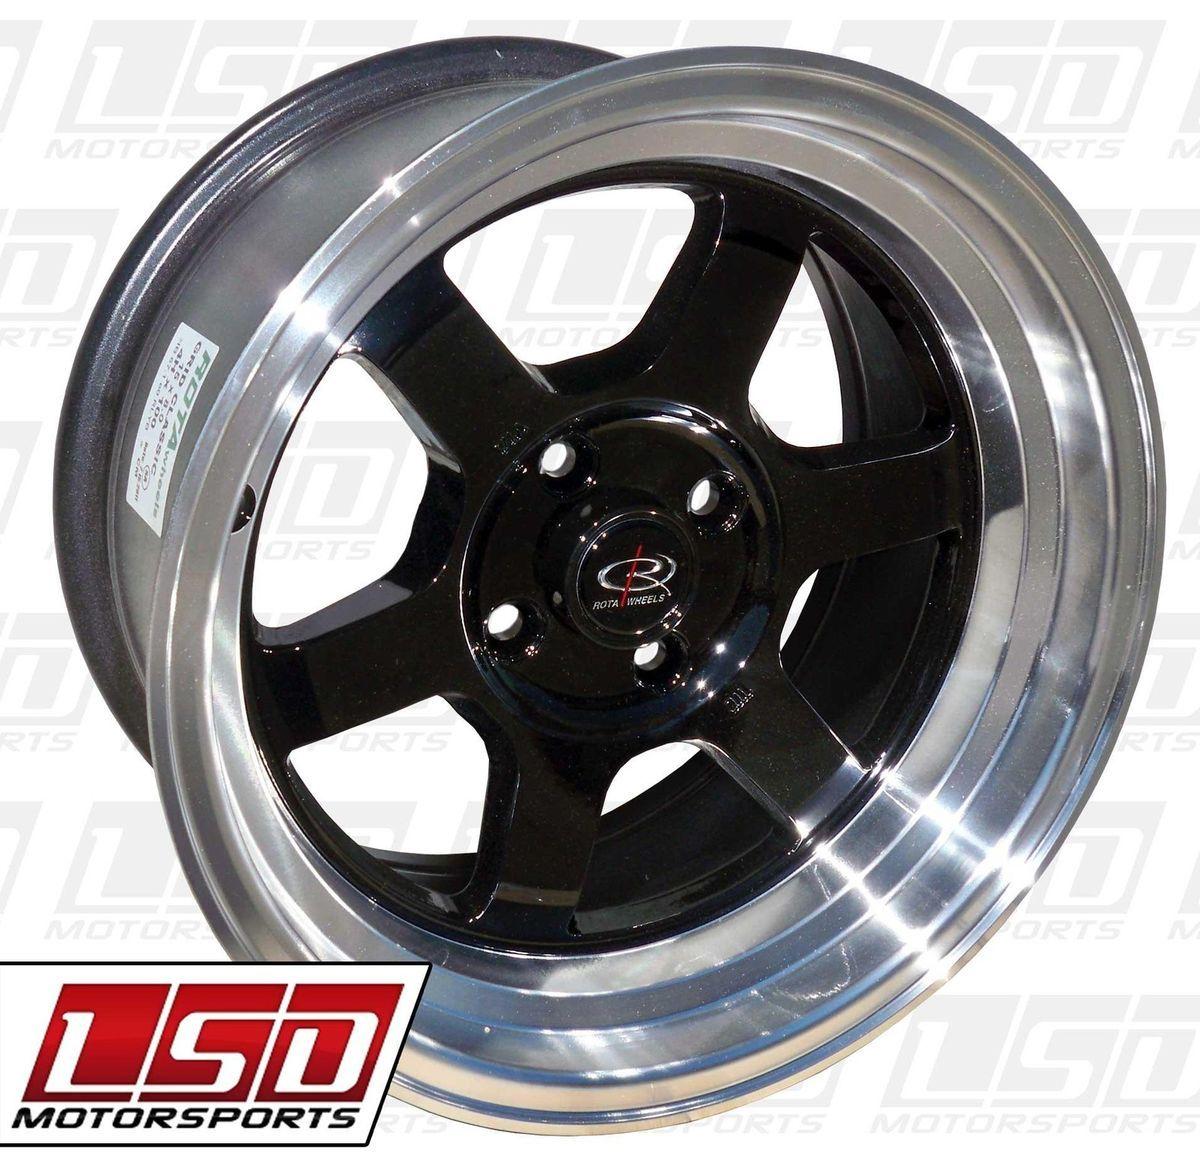 15 Rota Grid V Black Rims Wheels 15x8 0 4x114 3 AE86 Corolla 240sx s13